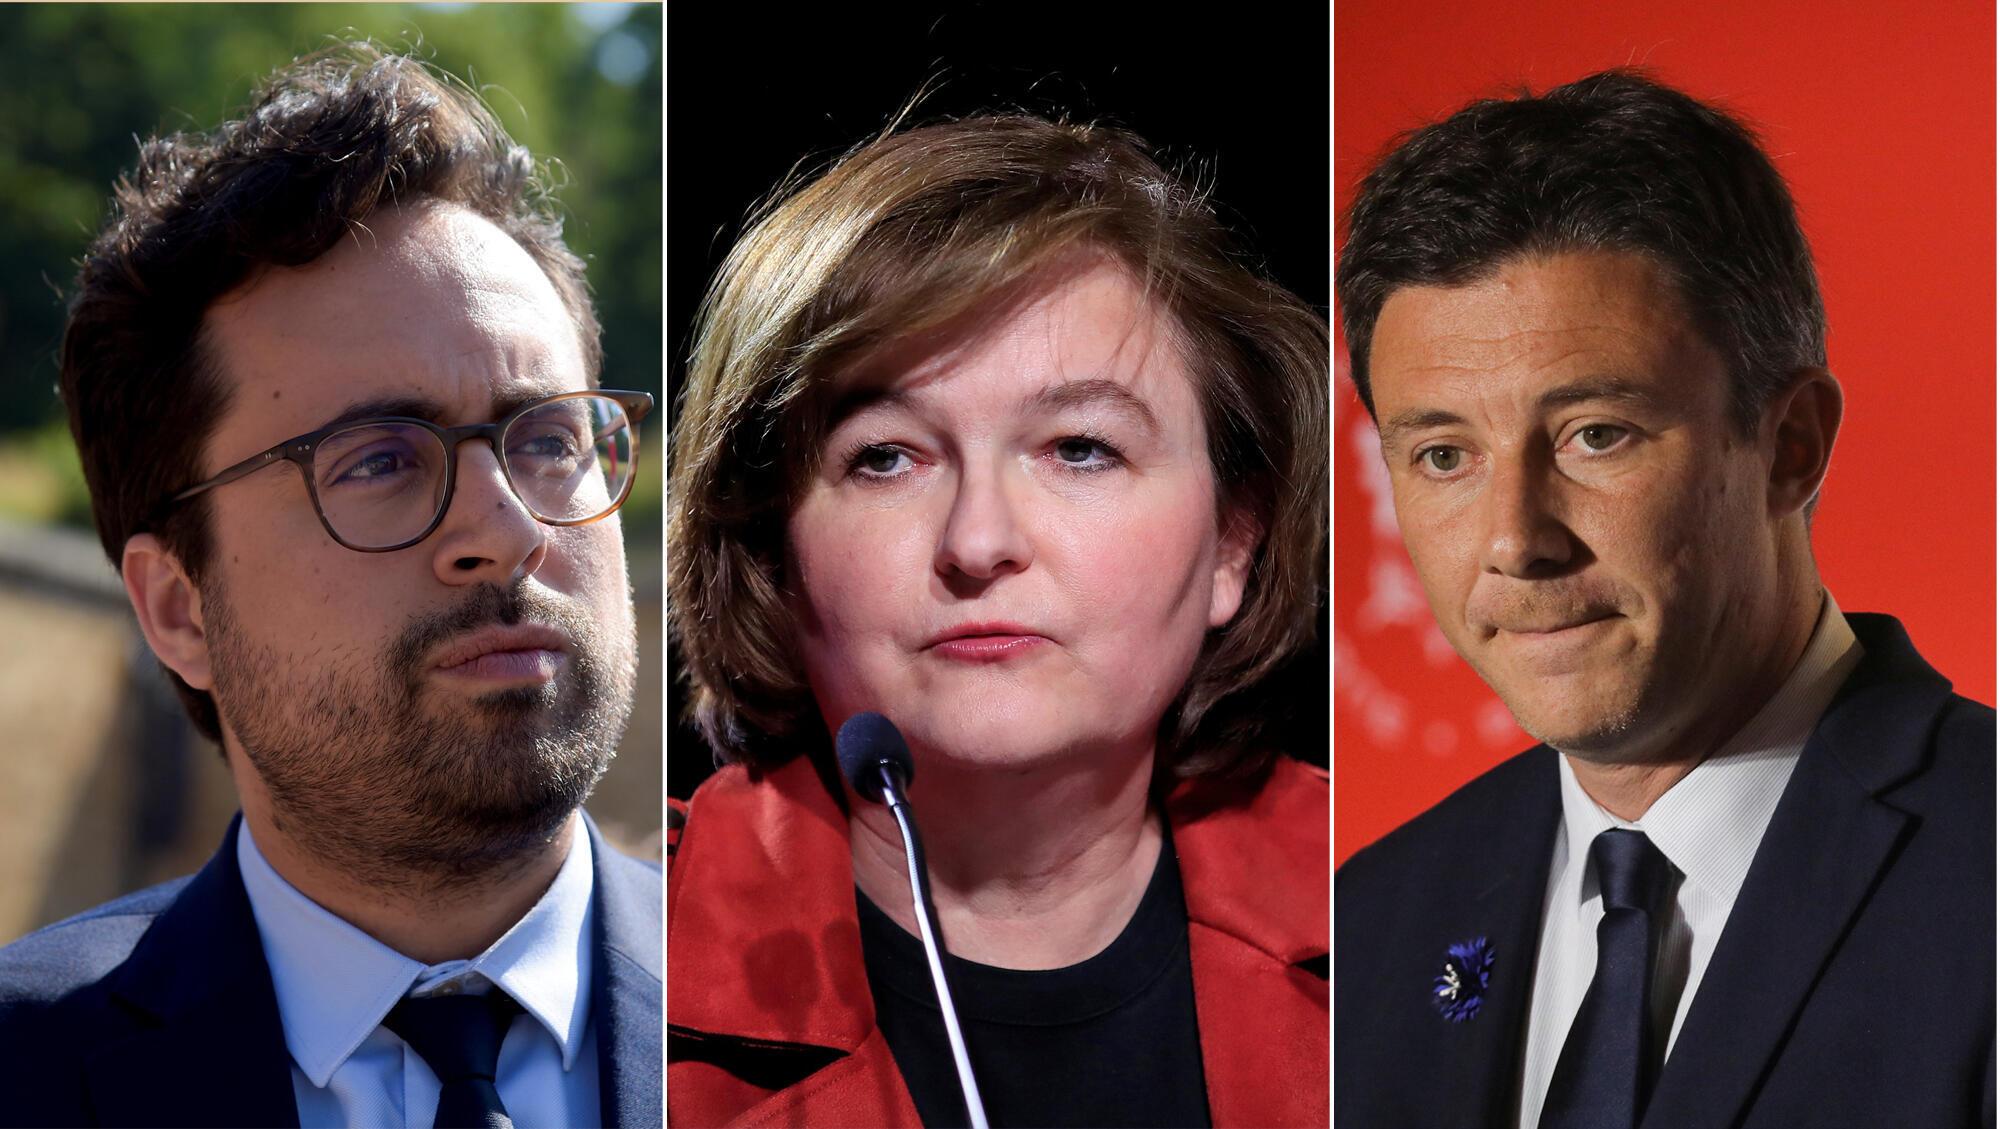 De gauche à droite: Mounir Mahjoubi, Nathalie Loiseau et Benjamin Griveaux (Montage RFI).